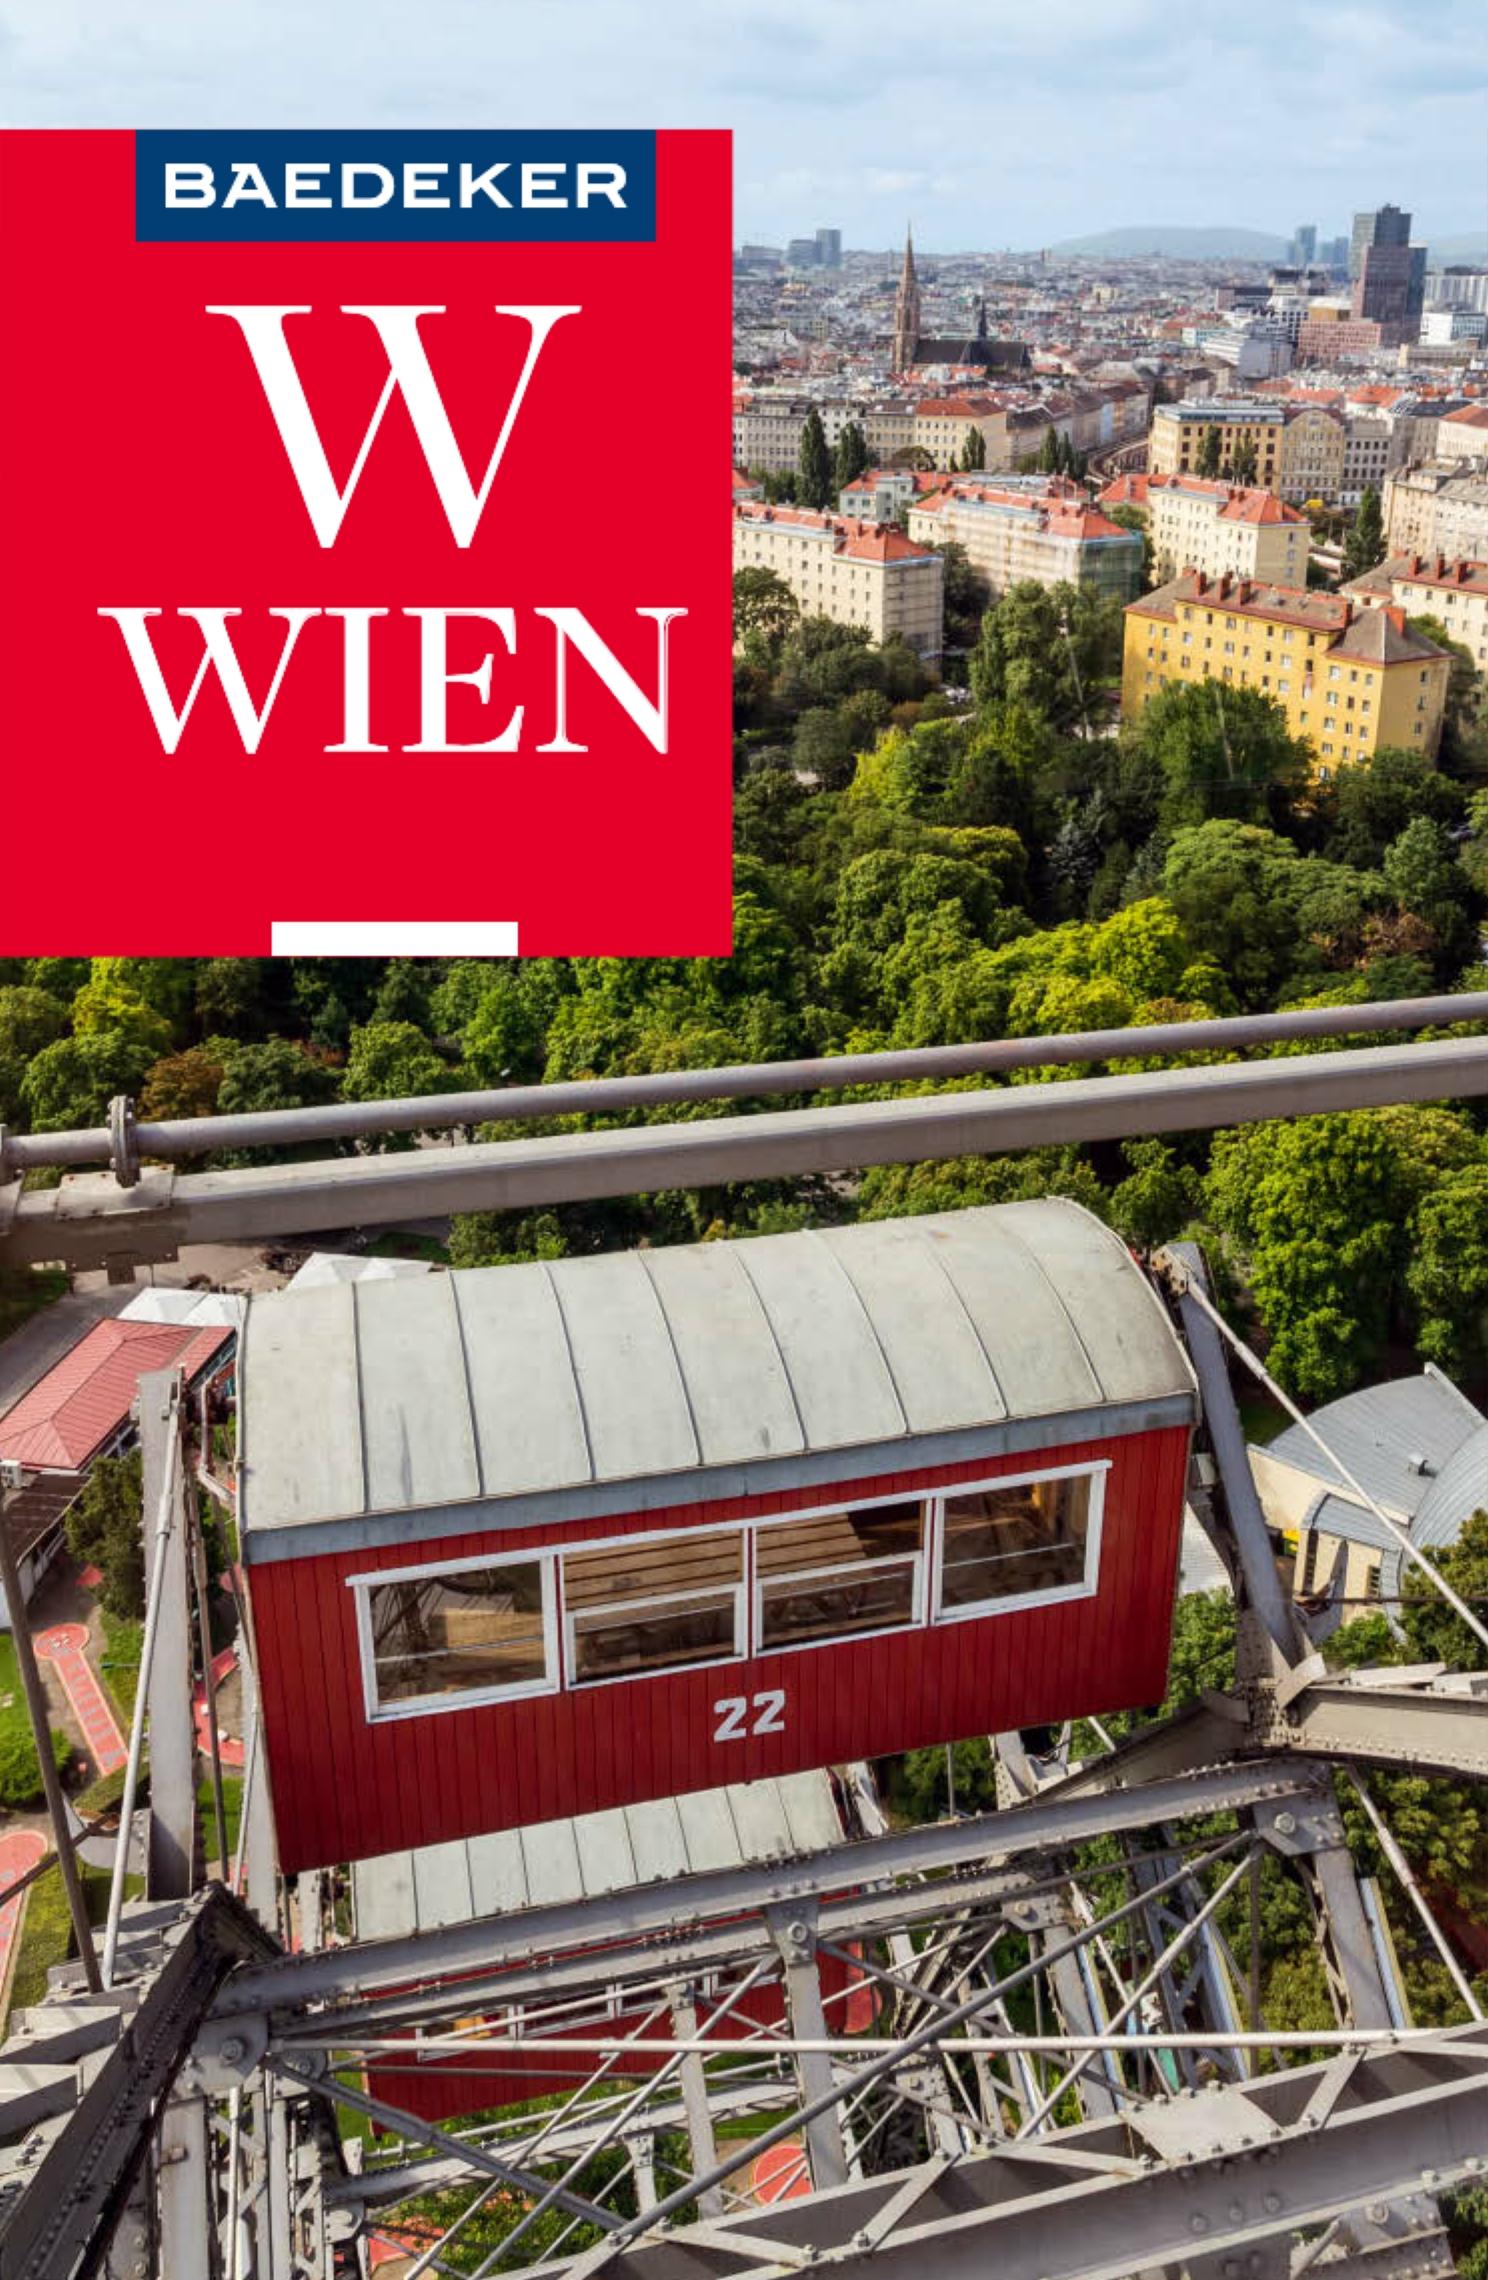 Baedeker - Wien (Cover)